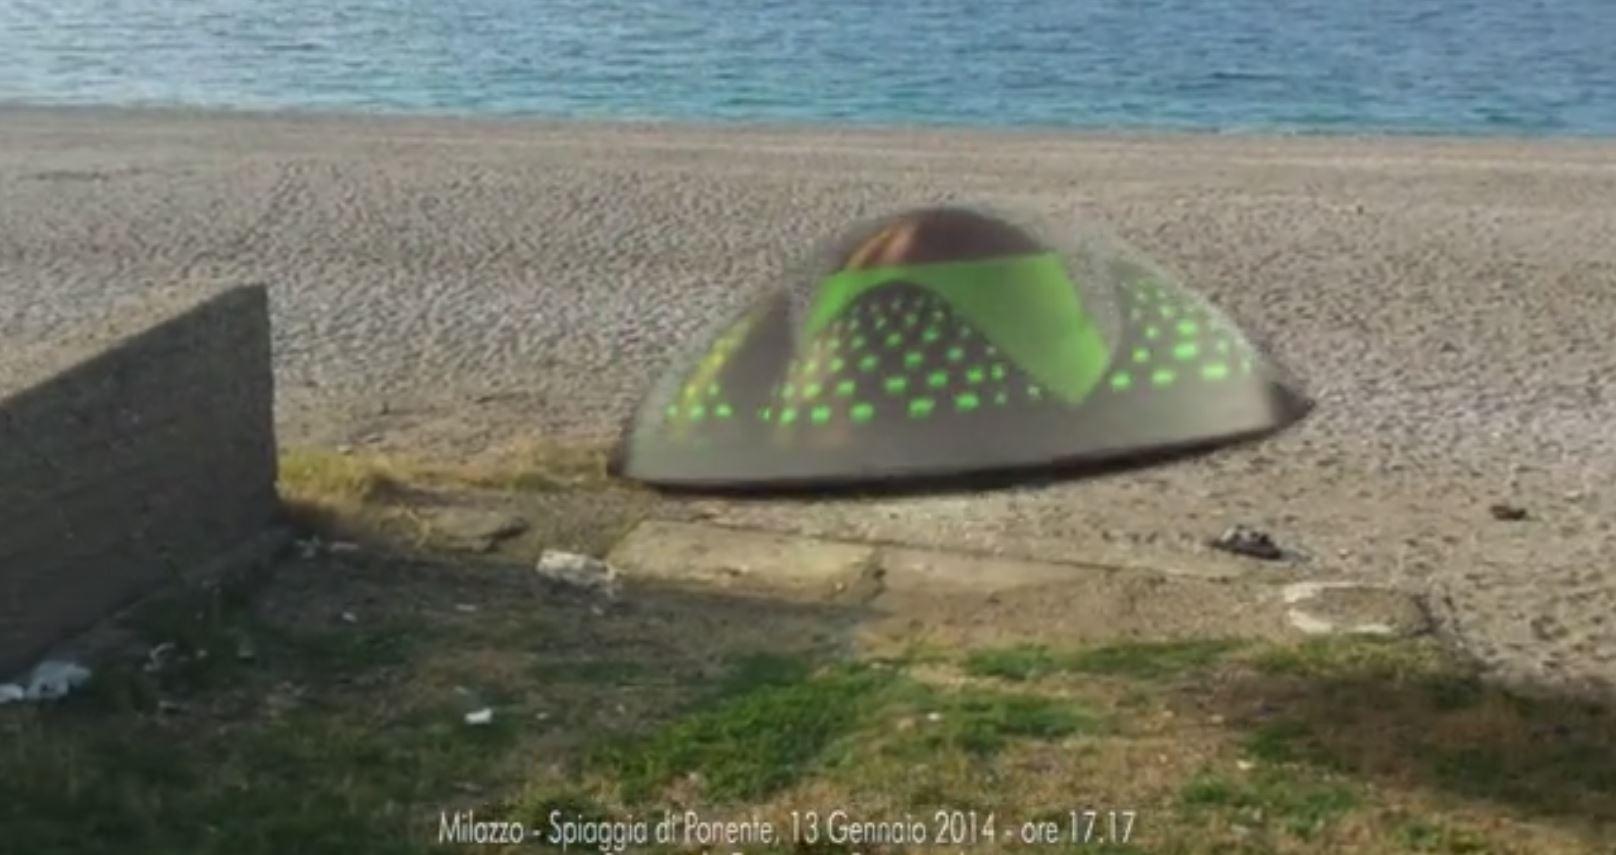 Ufo a milazzo il video shock che fara 39 discutere for Discutere it